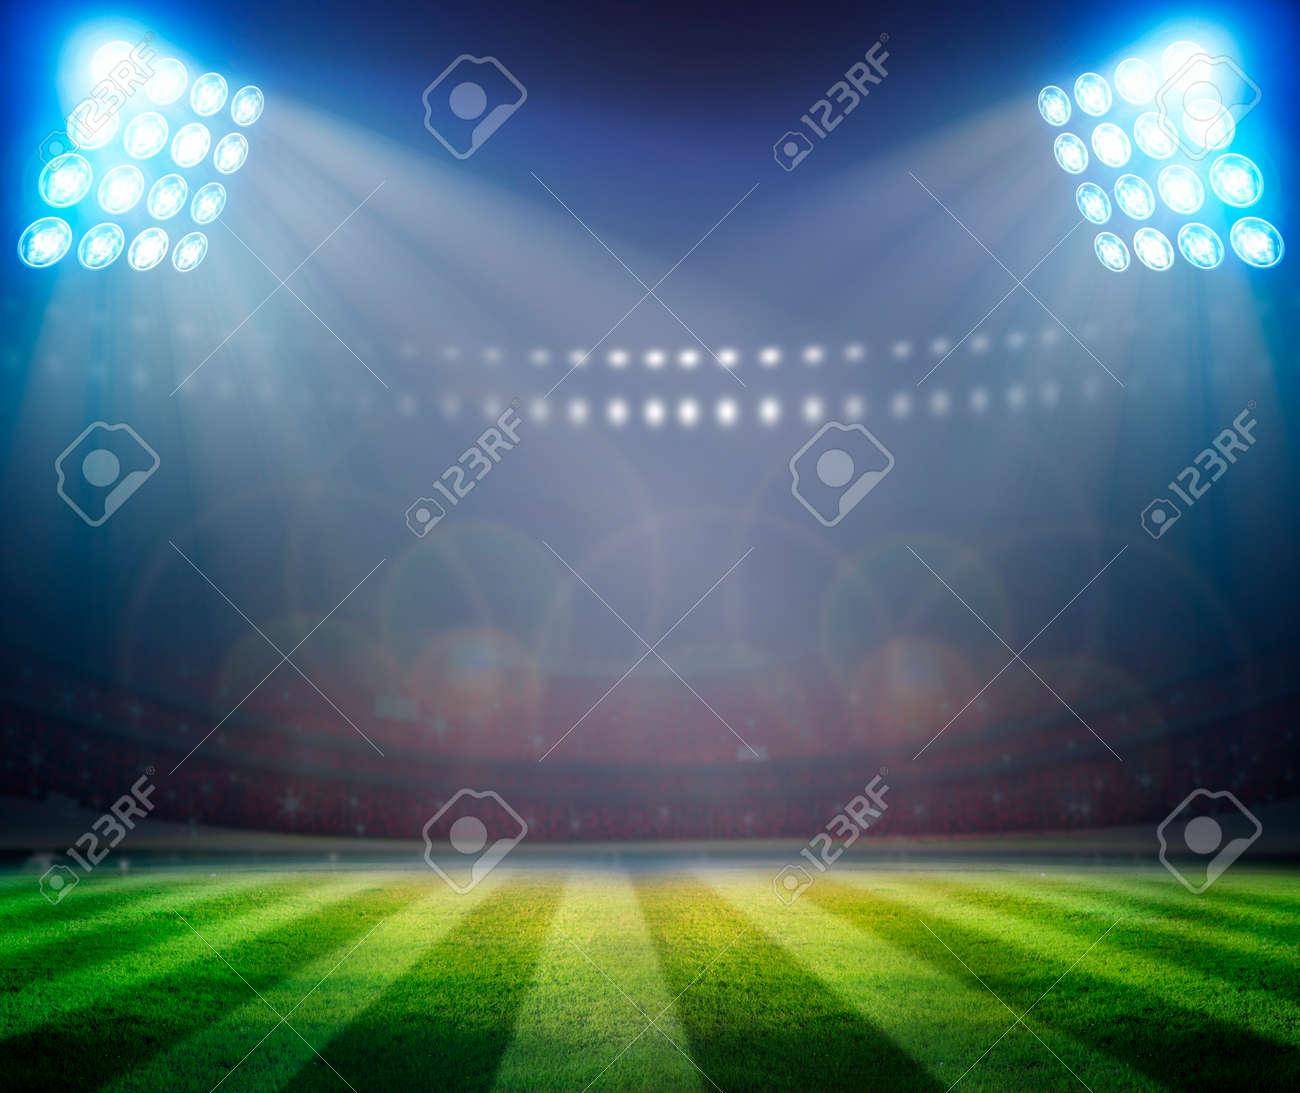 Green soccer field, bright spotlights, - 32846162